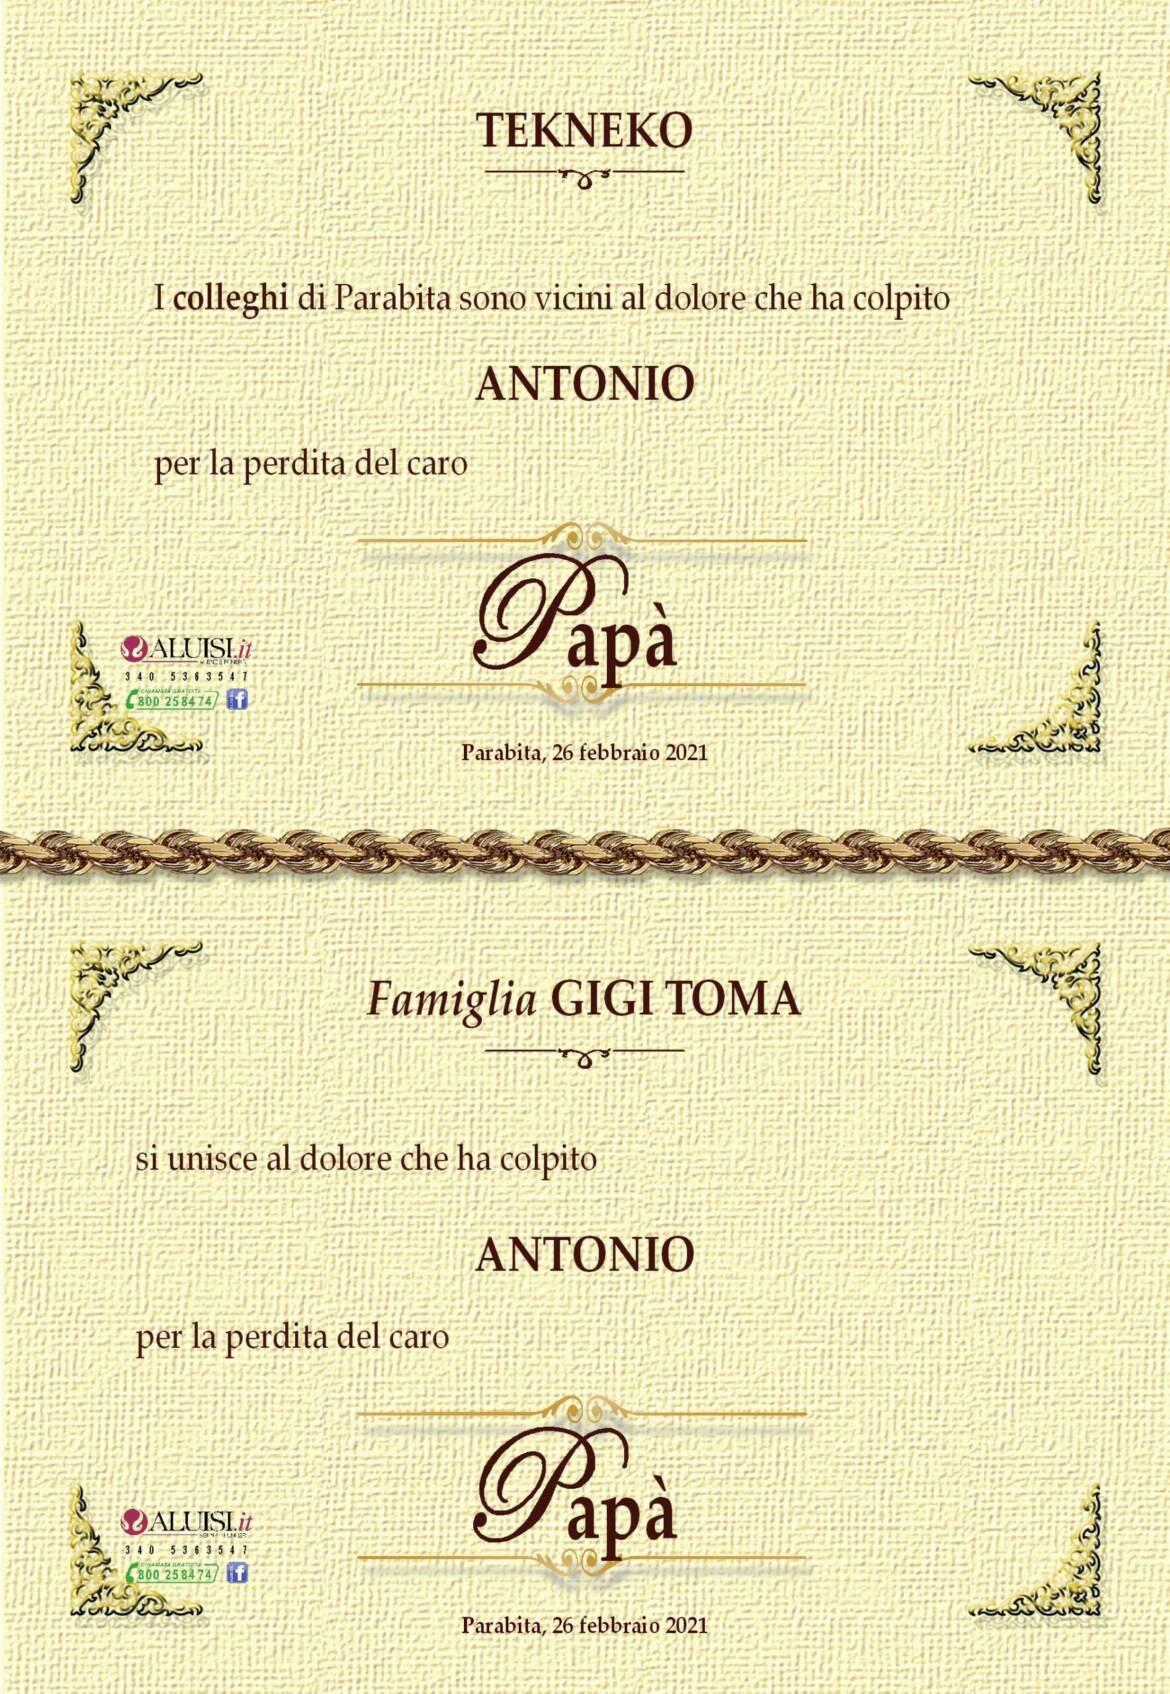 PARTECIPAZIONE-ROCCO-ANTONIO-CORONESE-PARABIA-1-scaled.jpg